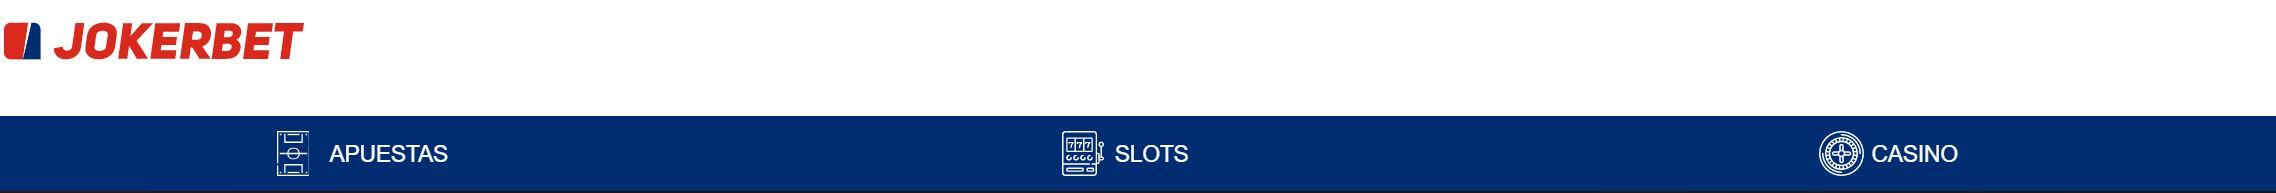 jokerbet es tu casino online de confianza.